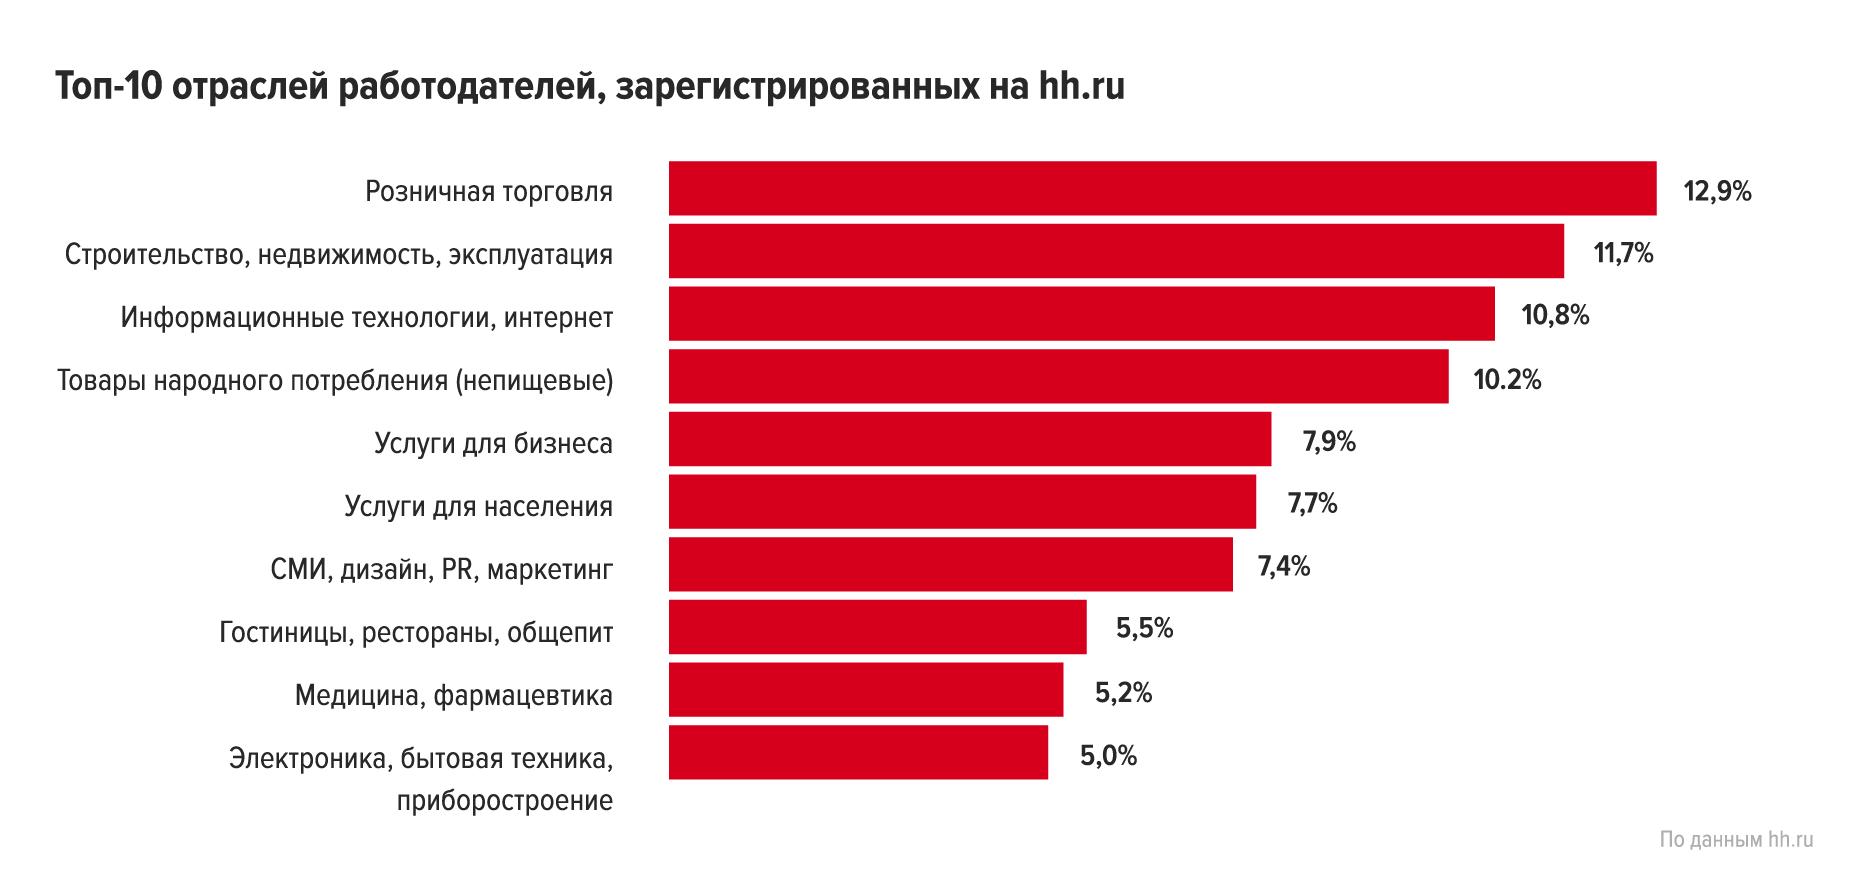 Миллион, миллион, миллион... работодателей на hh.ru!